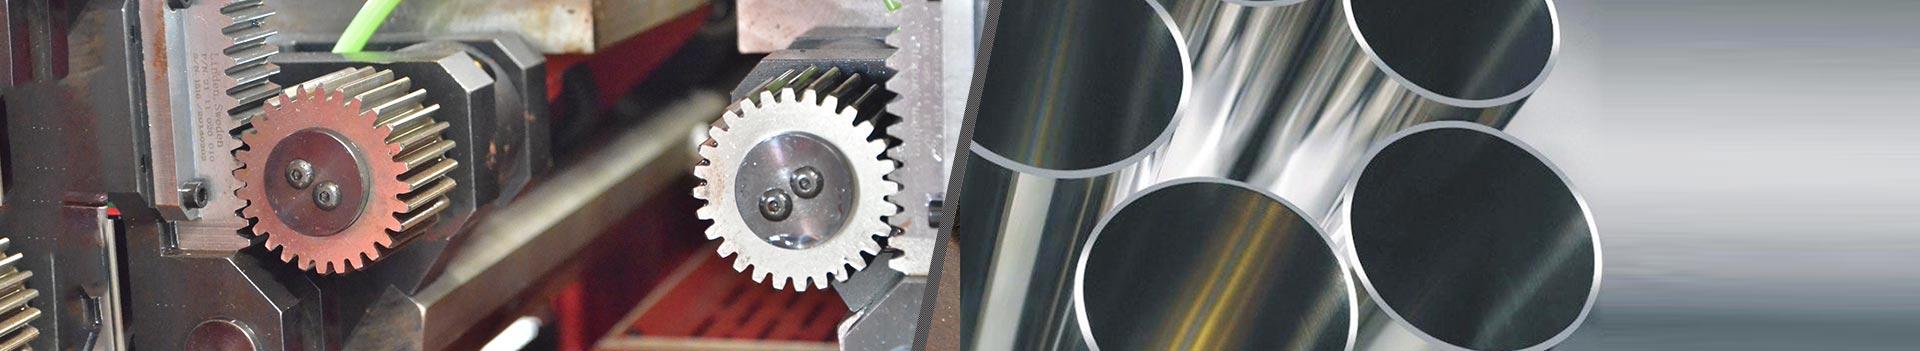 激guang焊接机